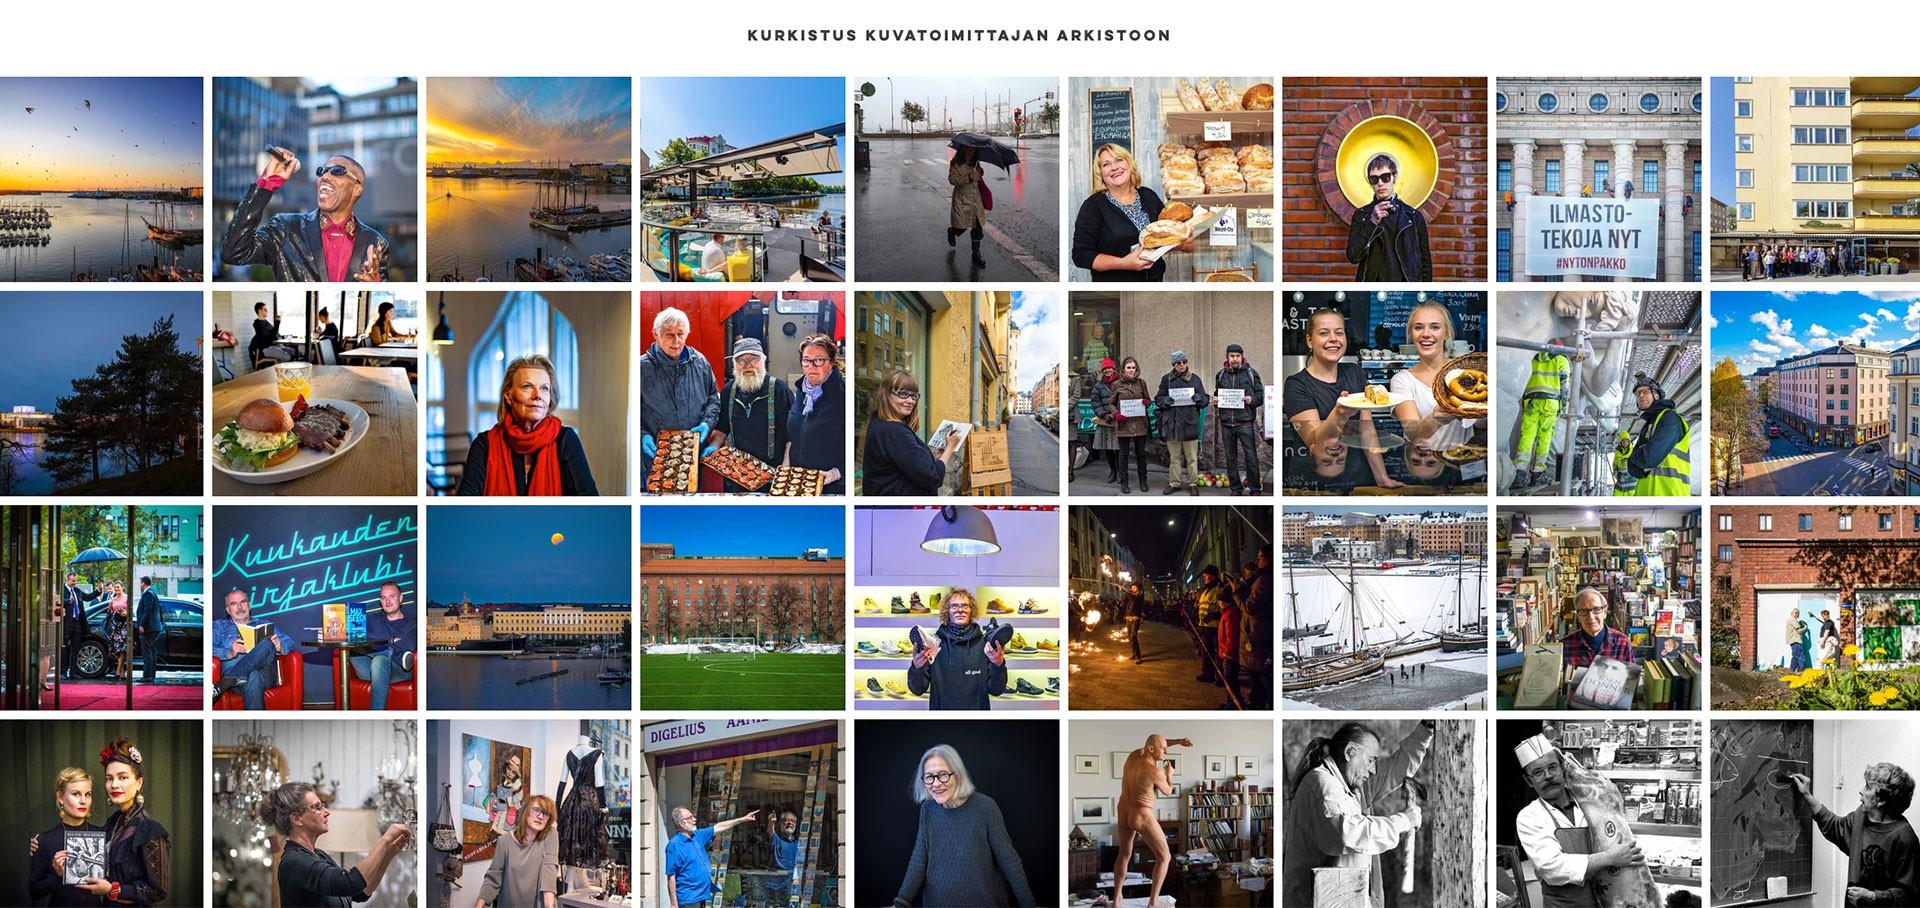 Töölöläinen Oy, sivusto 2019